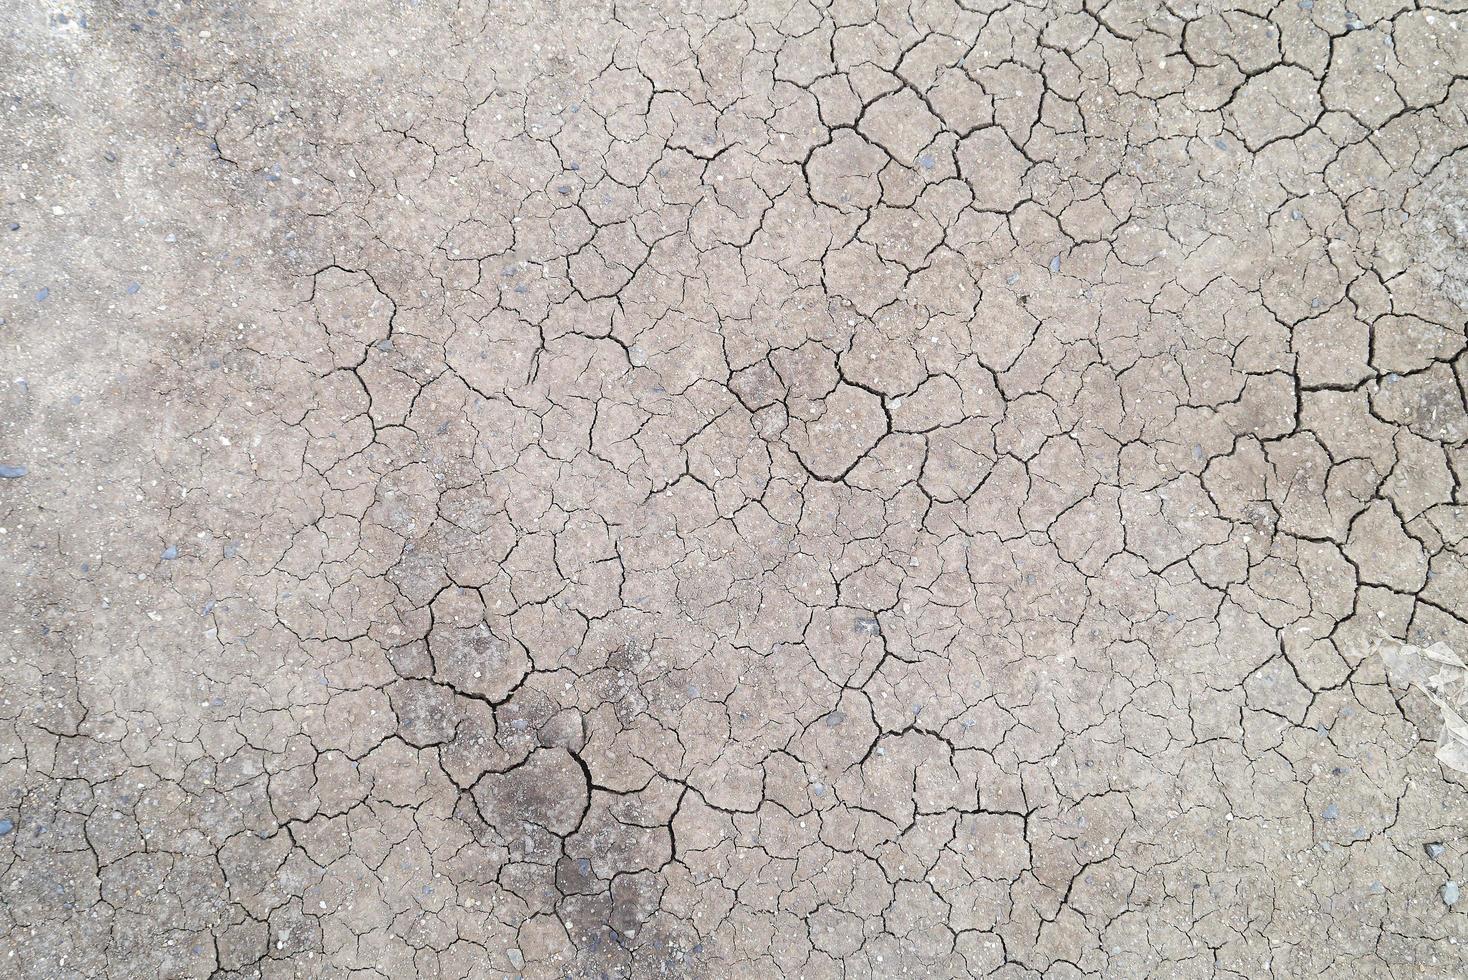 rissige Erde foto